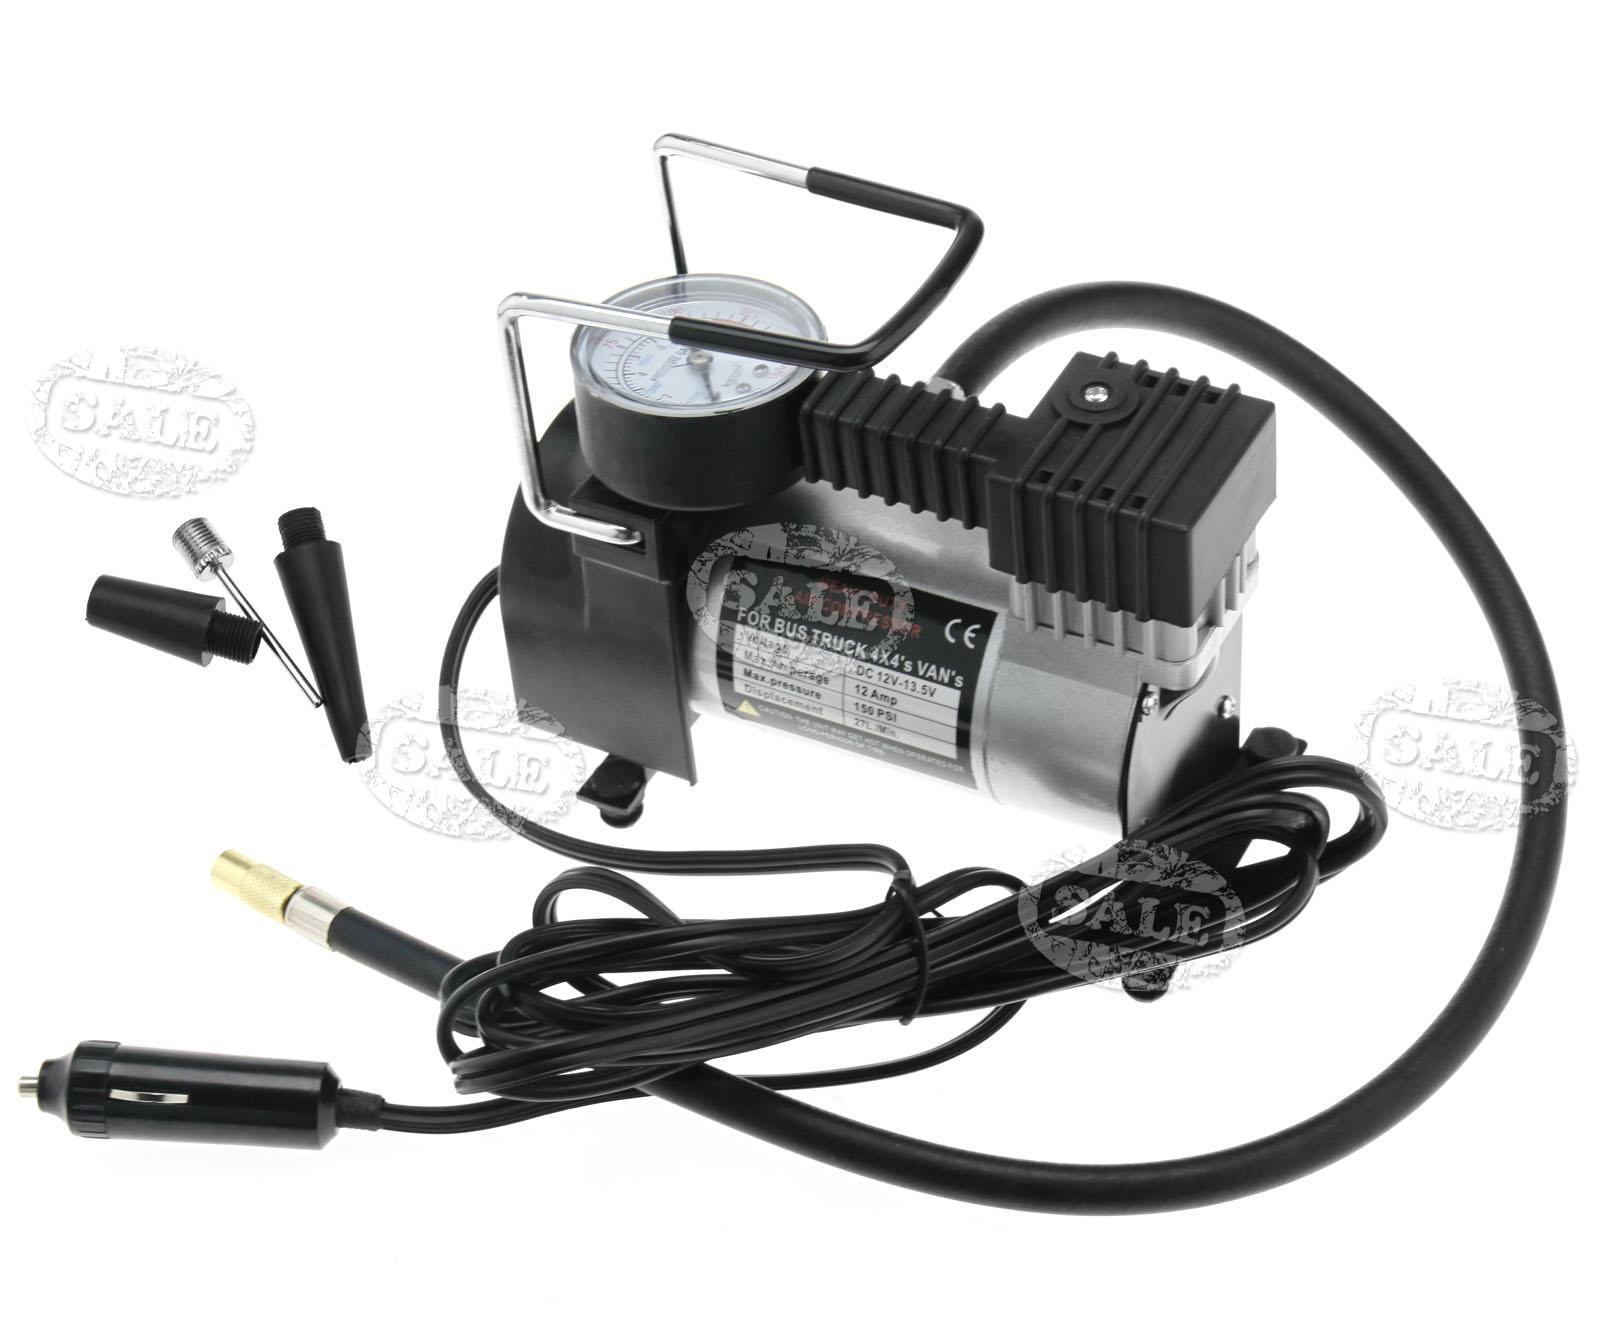 New 100psi Portable Car Tyre Air Compressor Pump 12V Auto Tire  #777054